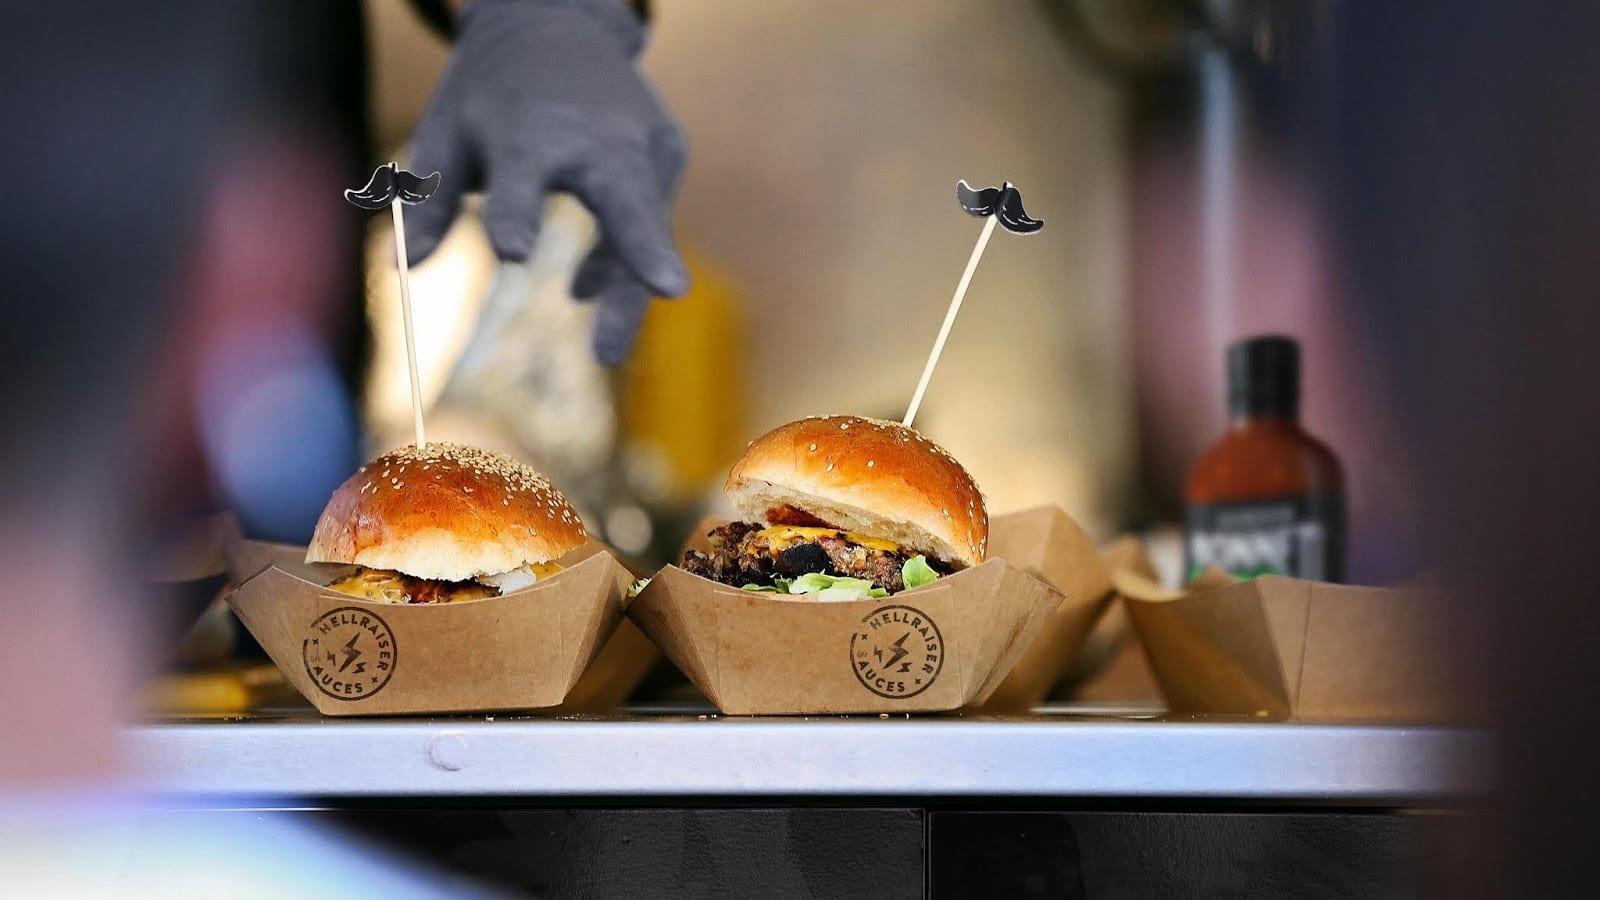 8 gordon bonnet burgers - Gordon Bonnet! – Originální omáčkový ďábel